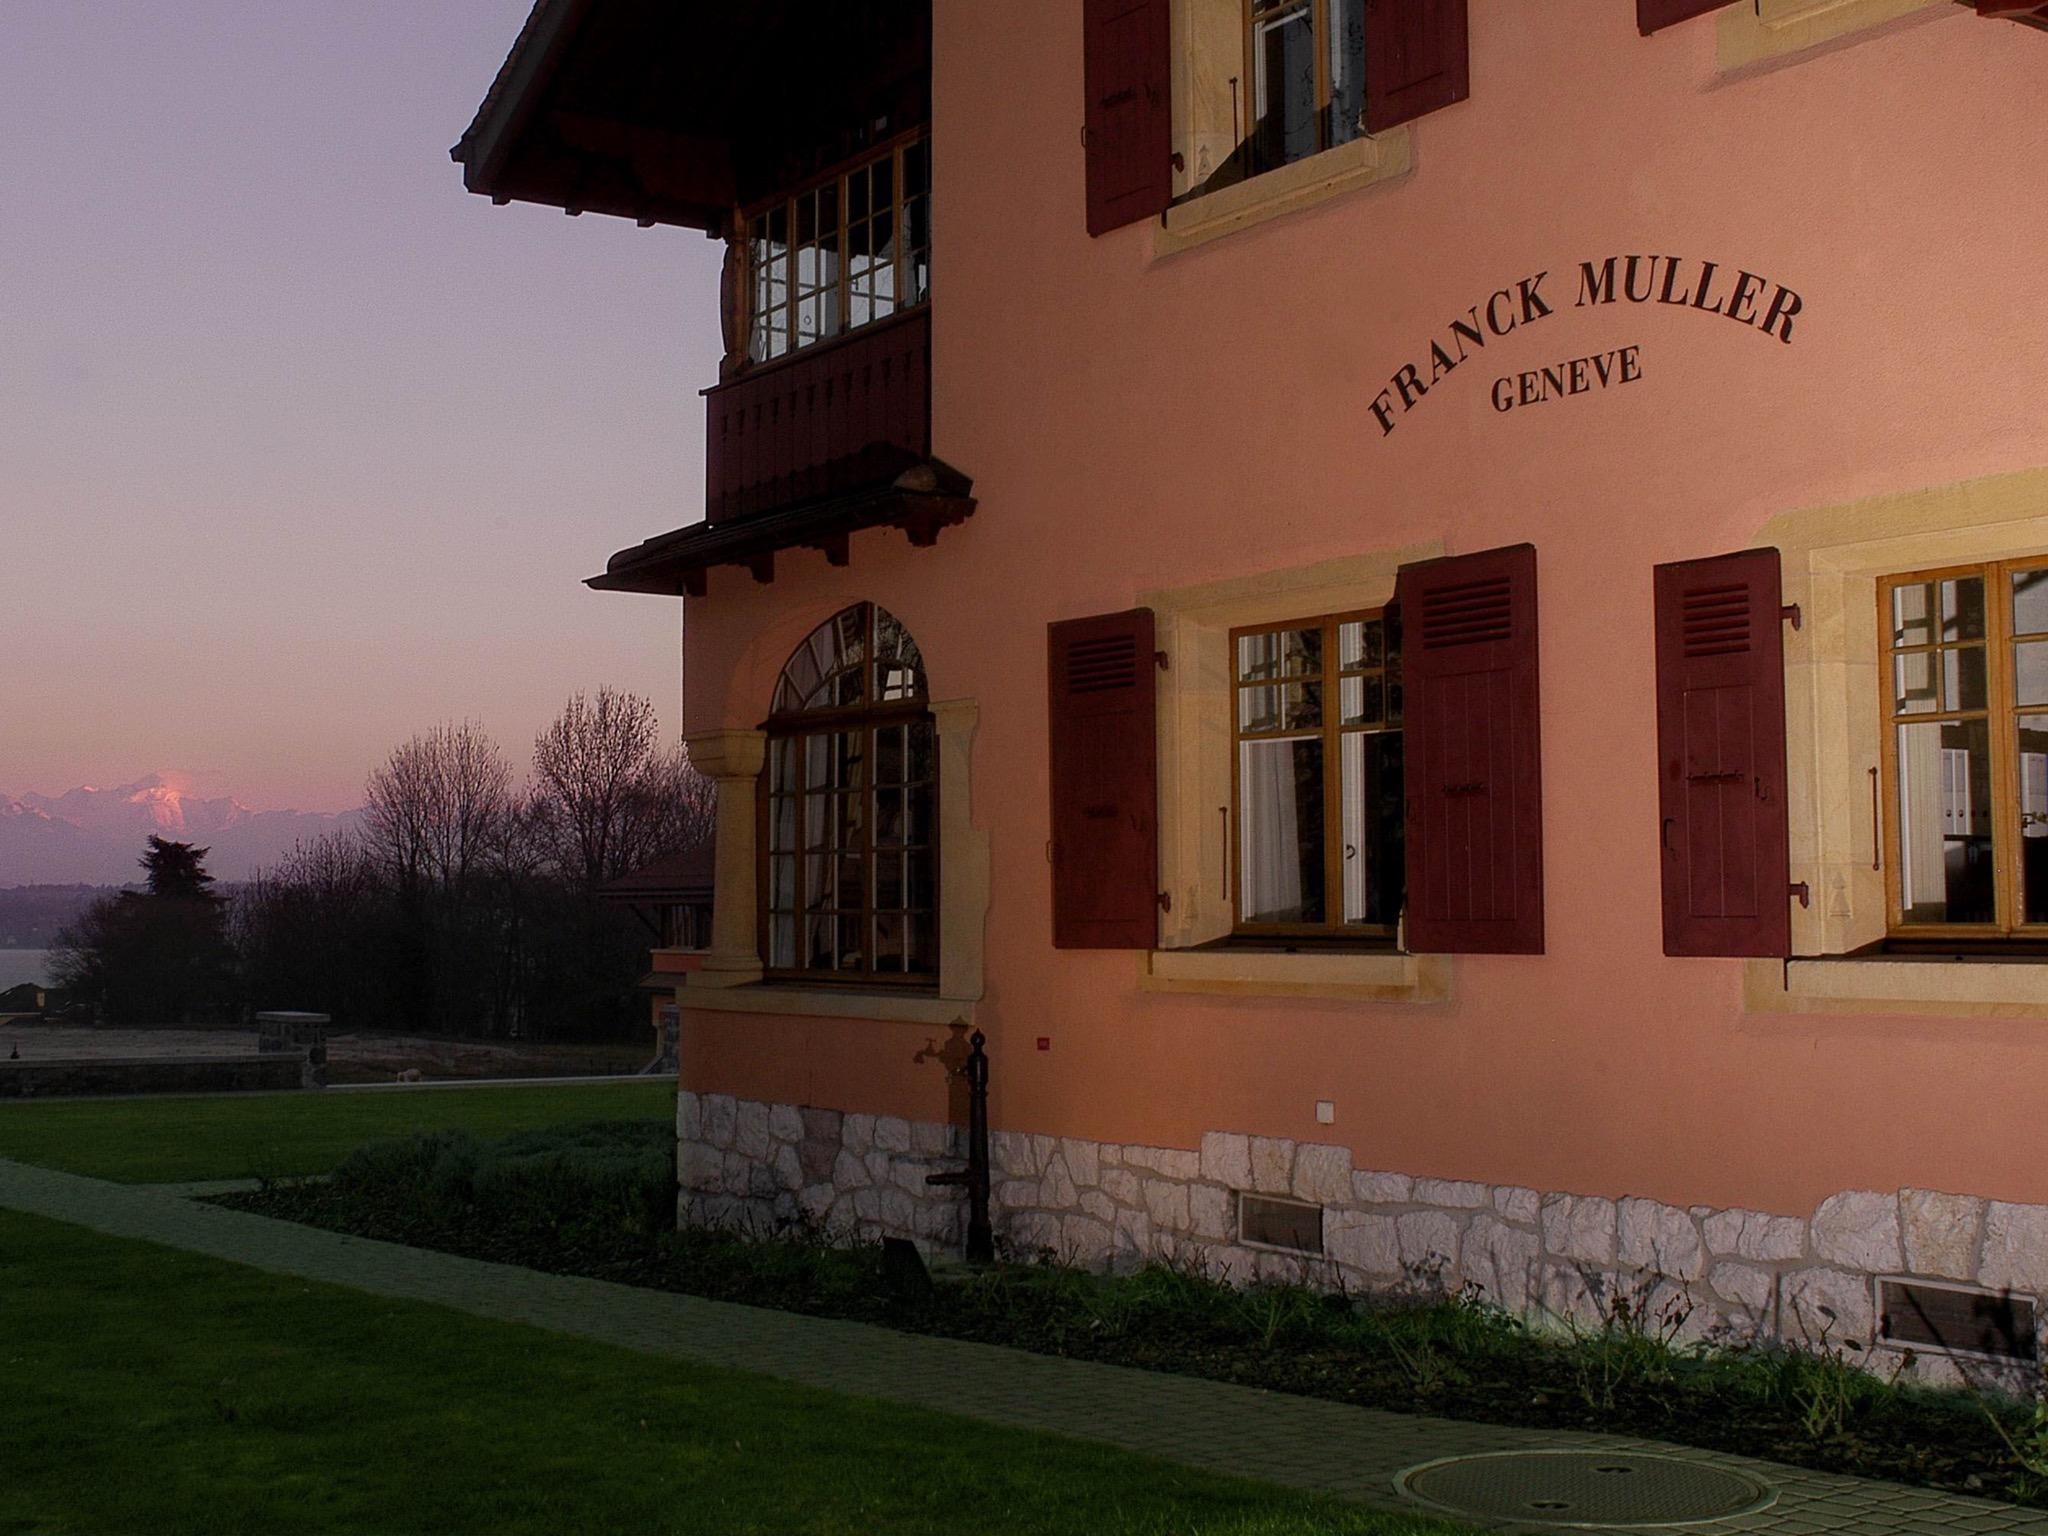 Franck Muller manufacture